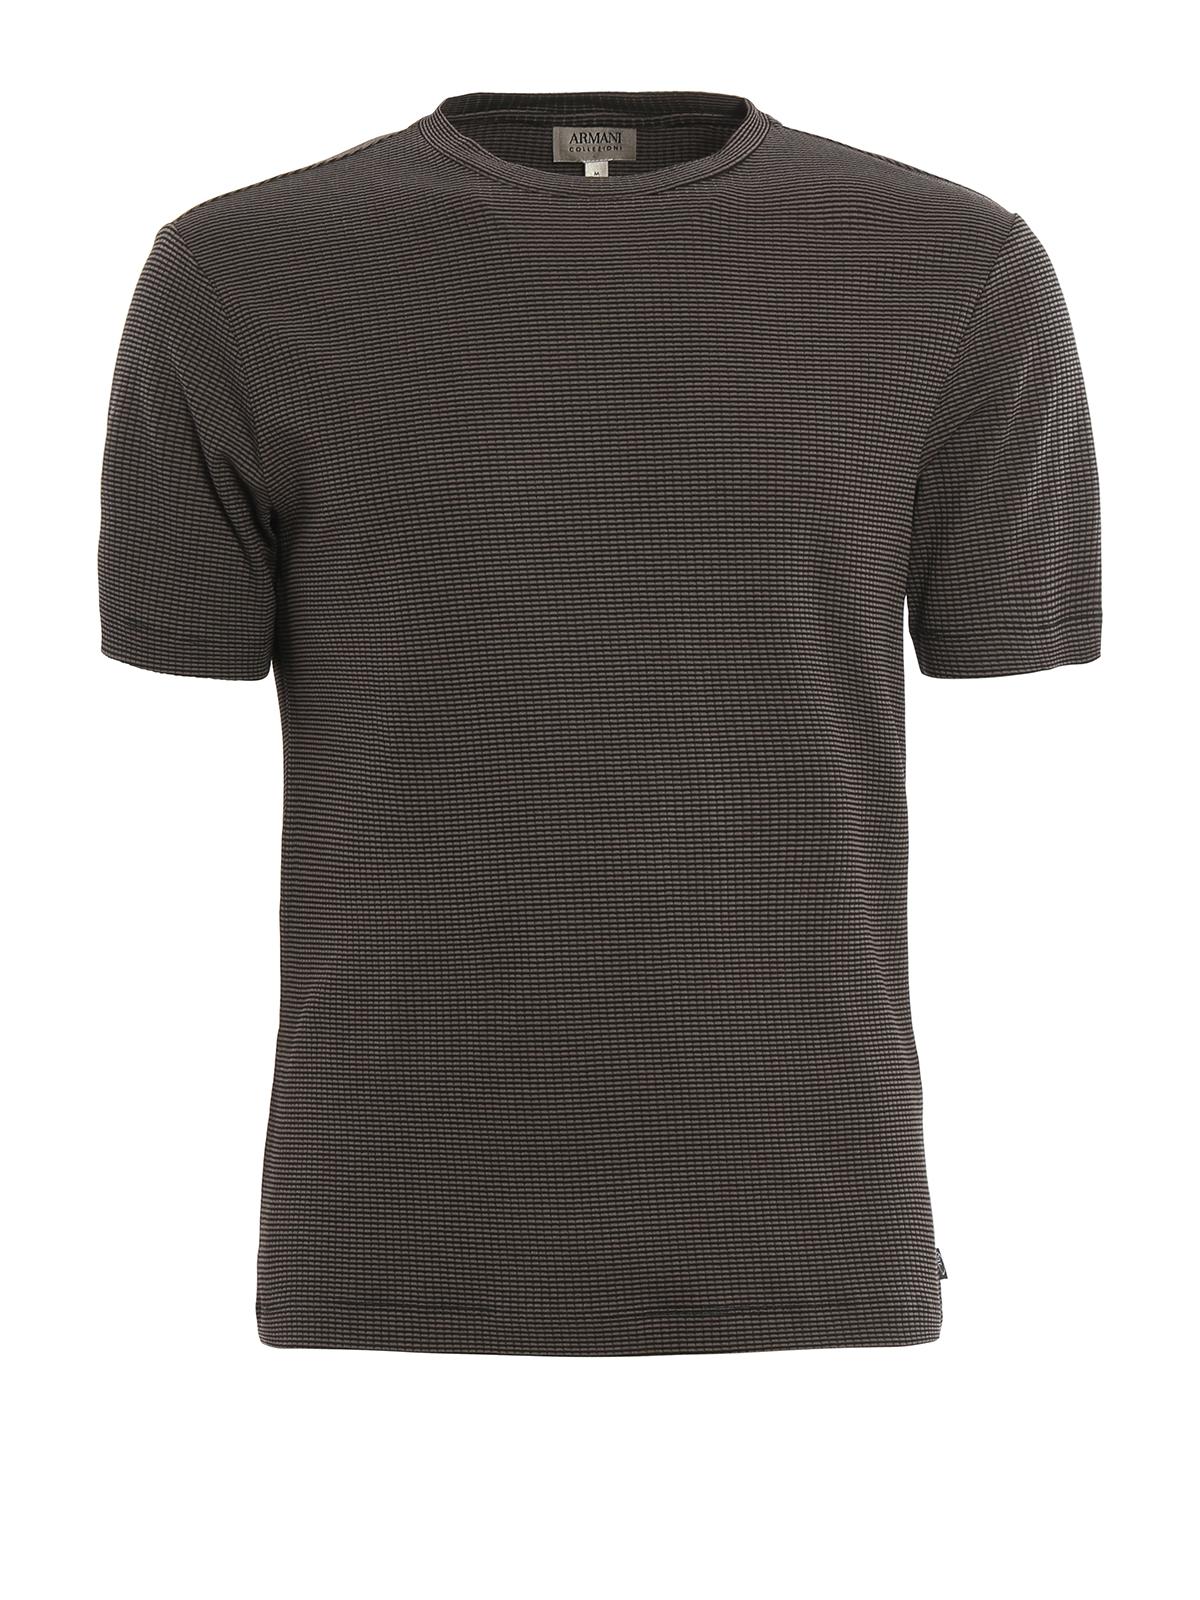 Micro woven Viscose T shirt By Armani Collezioni T